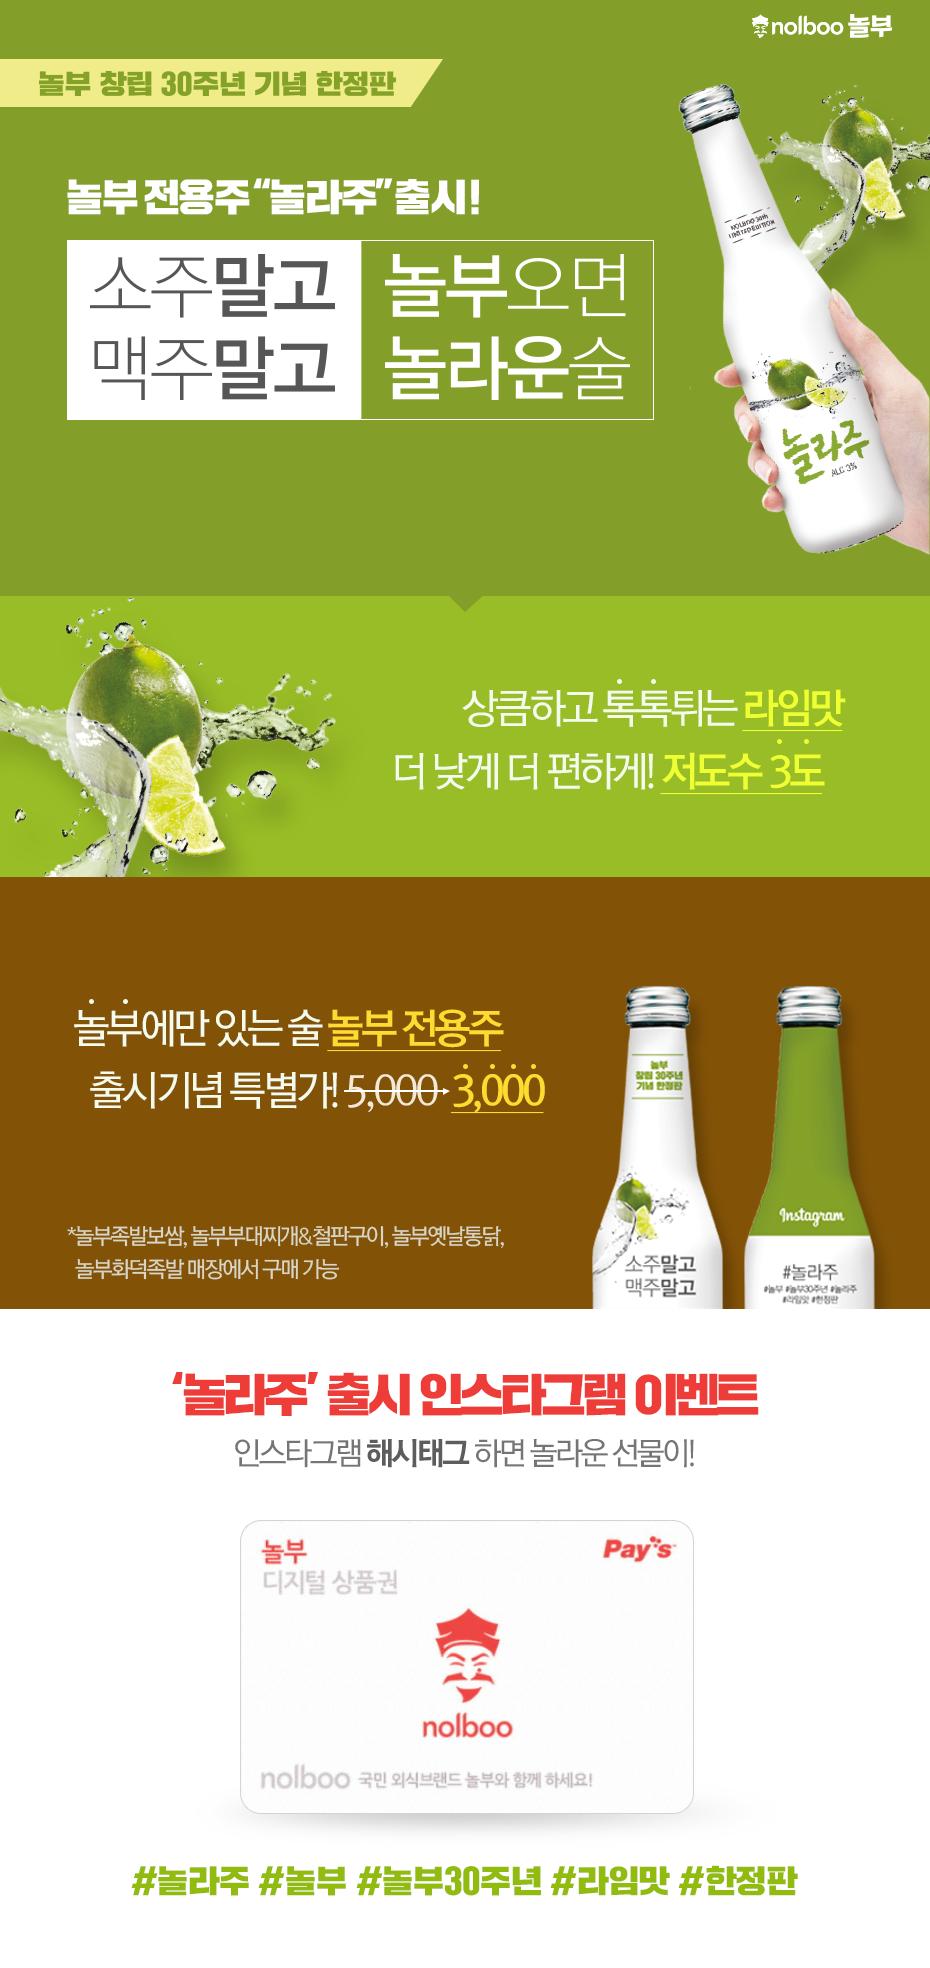 [놀부]0608_놀라주_930xfree.png